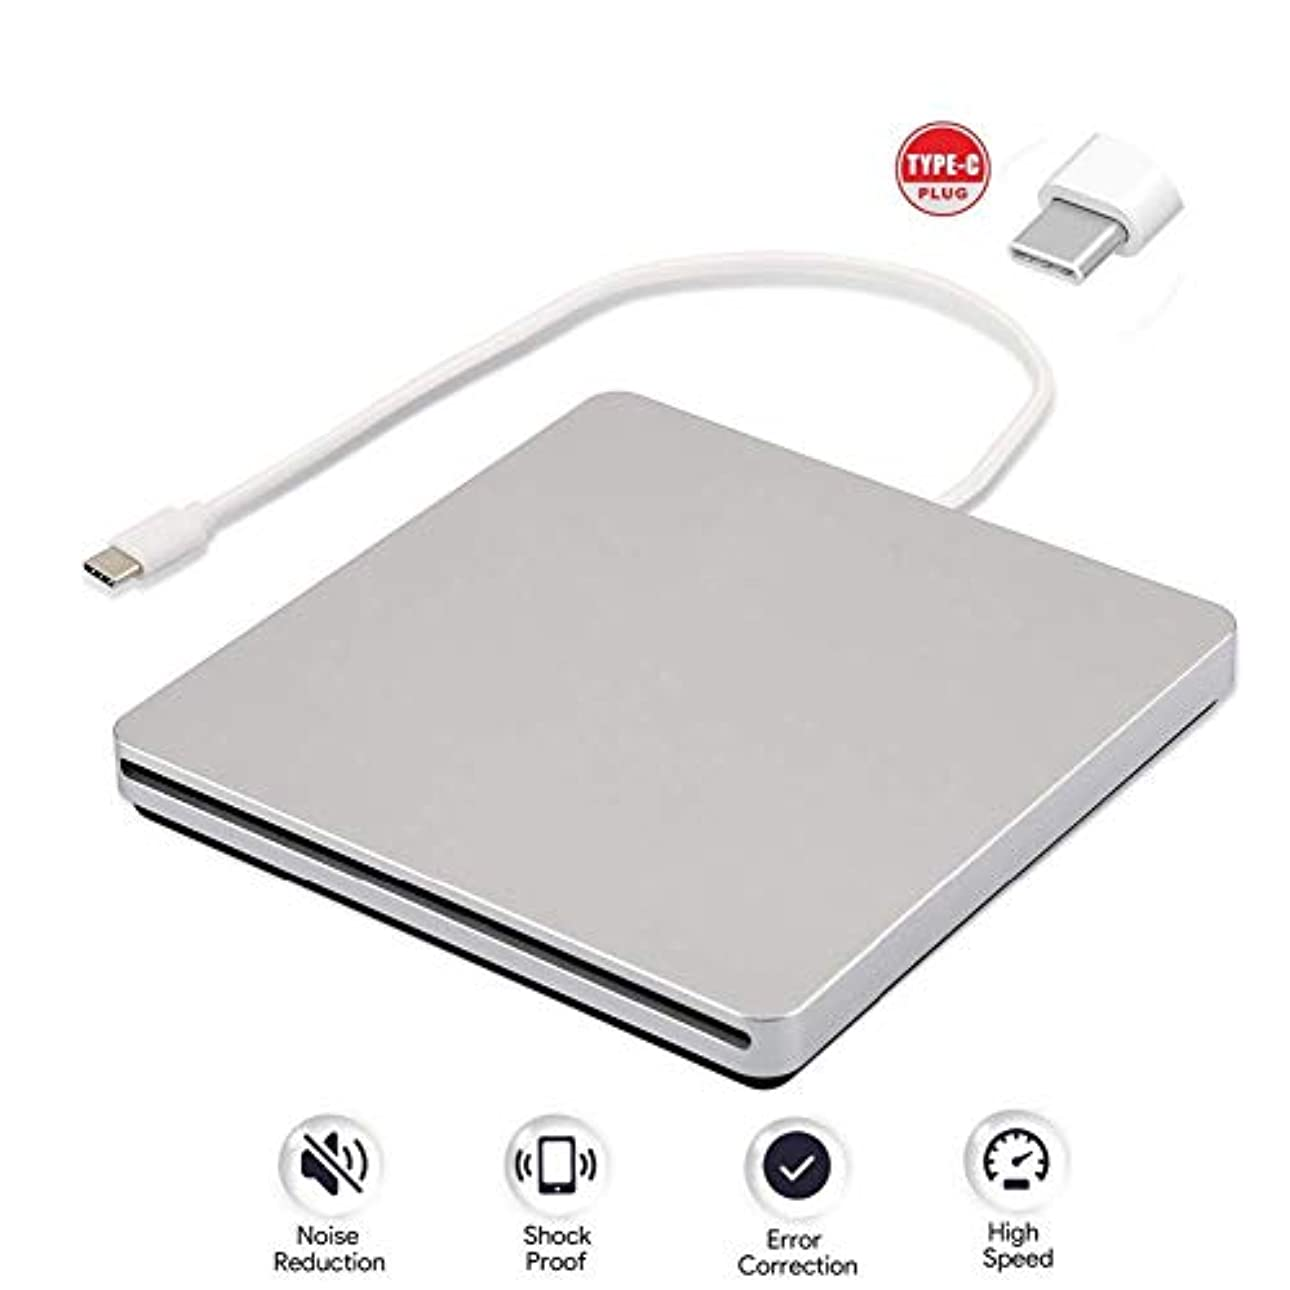 分布思い出す違うLcxliga 3.0 USB搭載の外付けブルーレイDVDドライブCD、プレーヤー、バーナー-ラップトップまたはデスクトップでの書き込みと読み取り